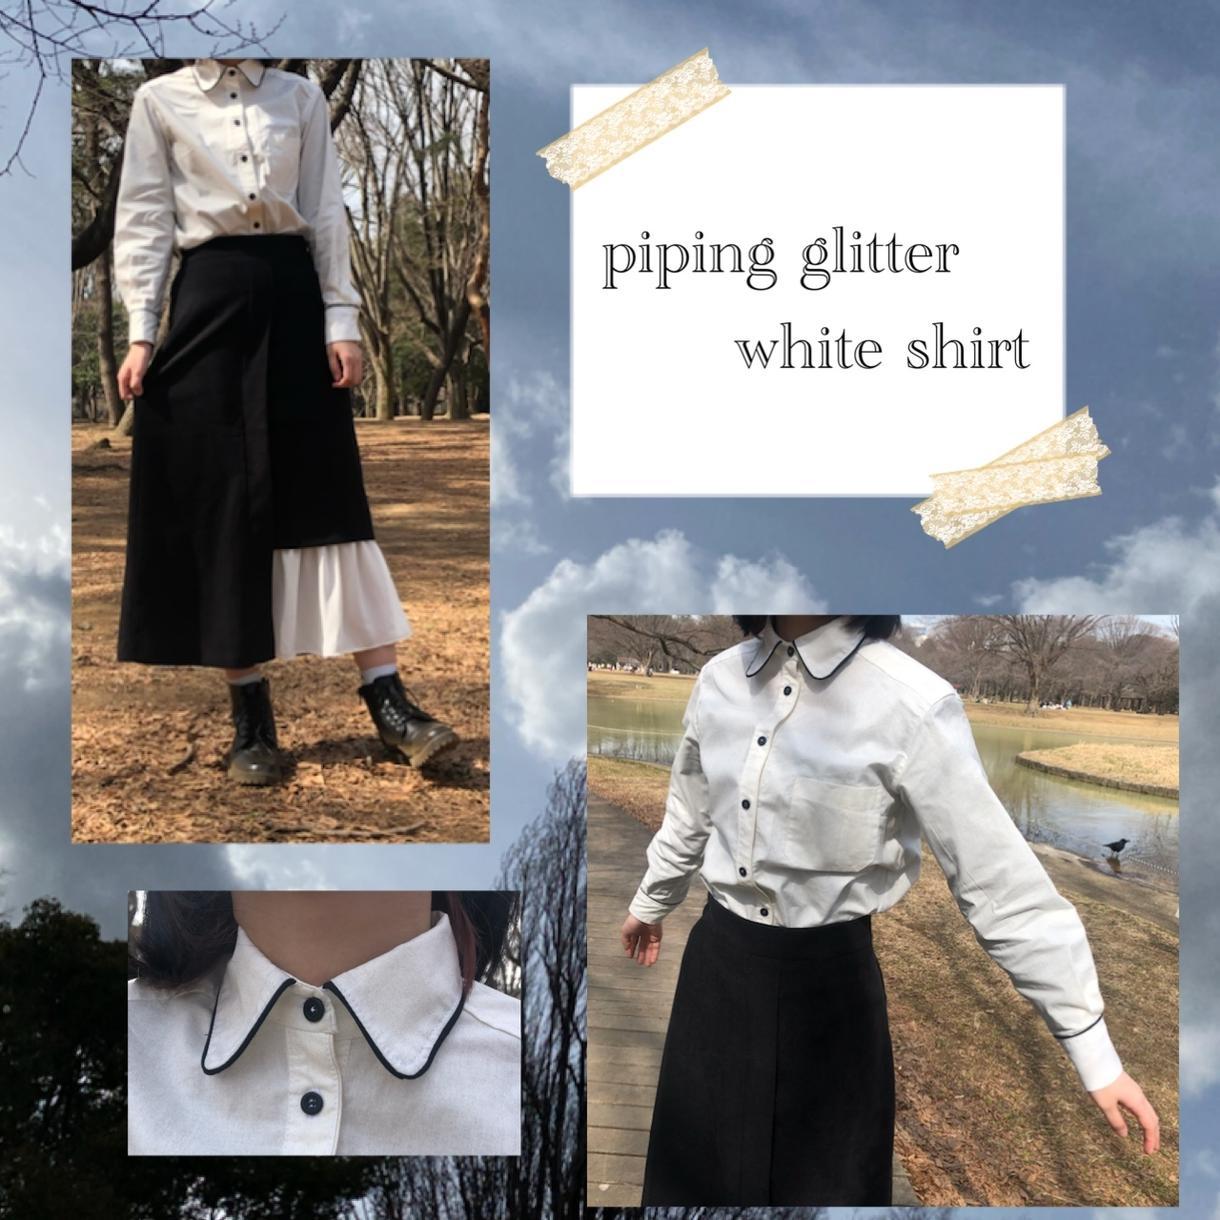 服飾学生、既存の型紙から縫製代行します 細かいところまでしっかりと/縫製型紙にないオプションも可能 イメージ1